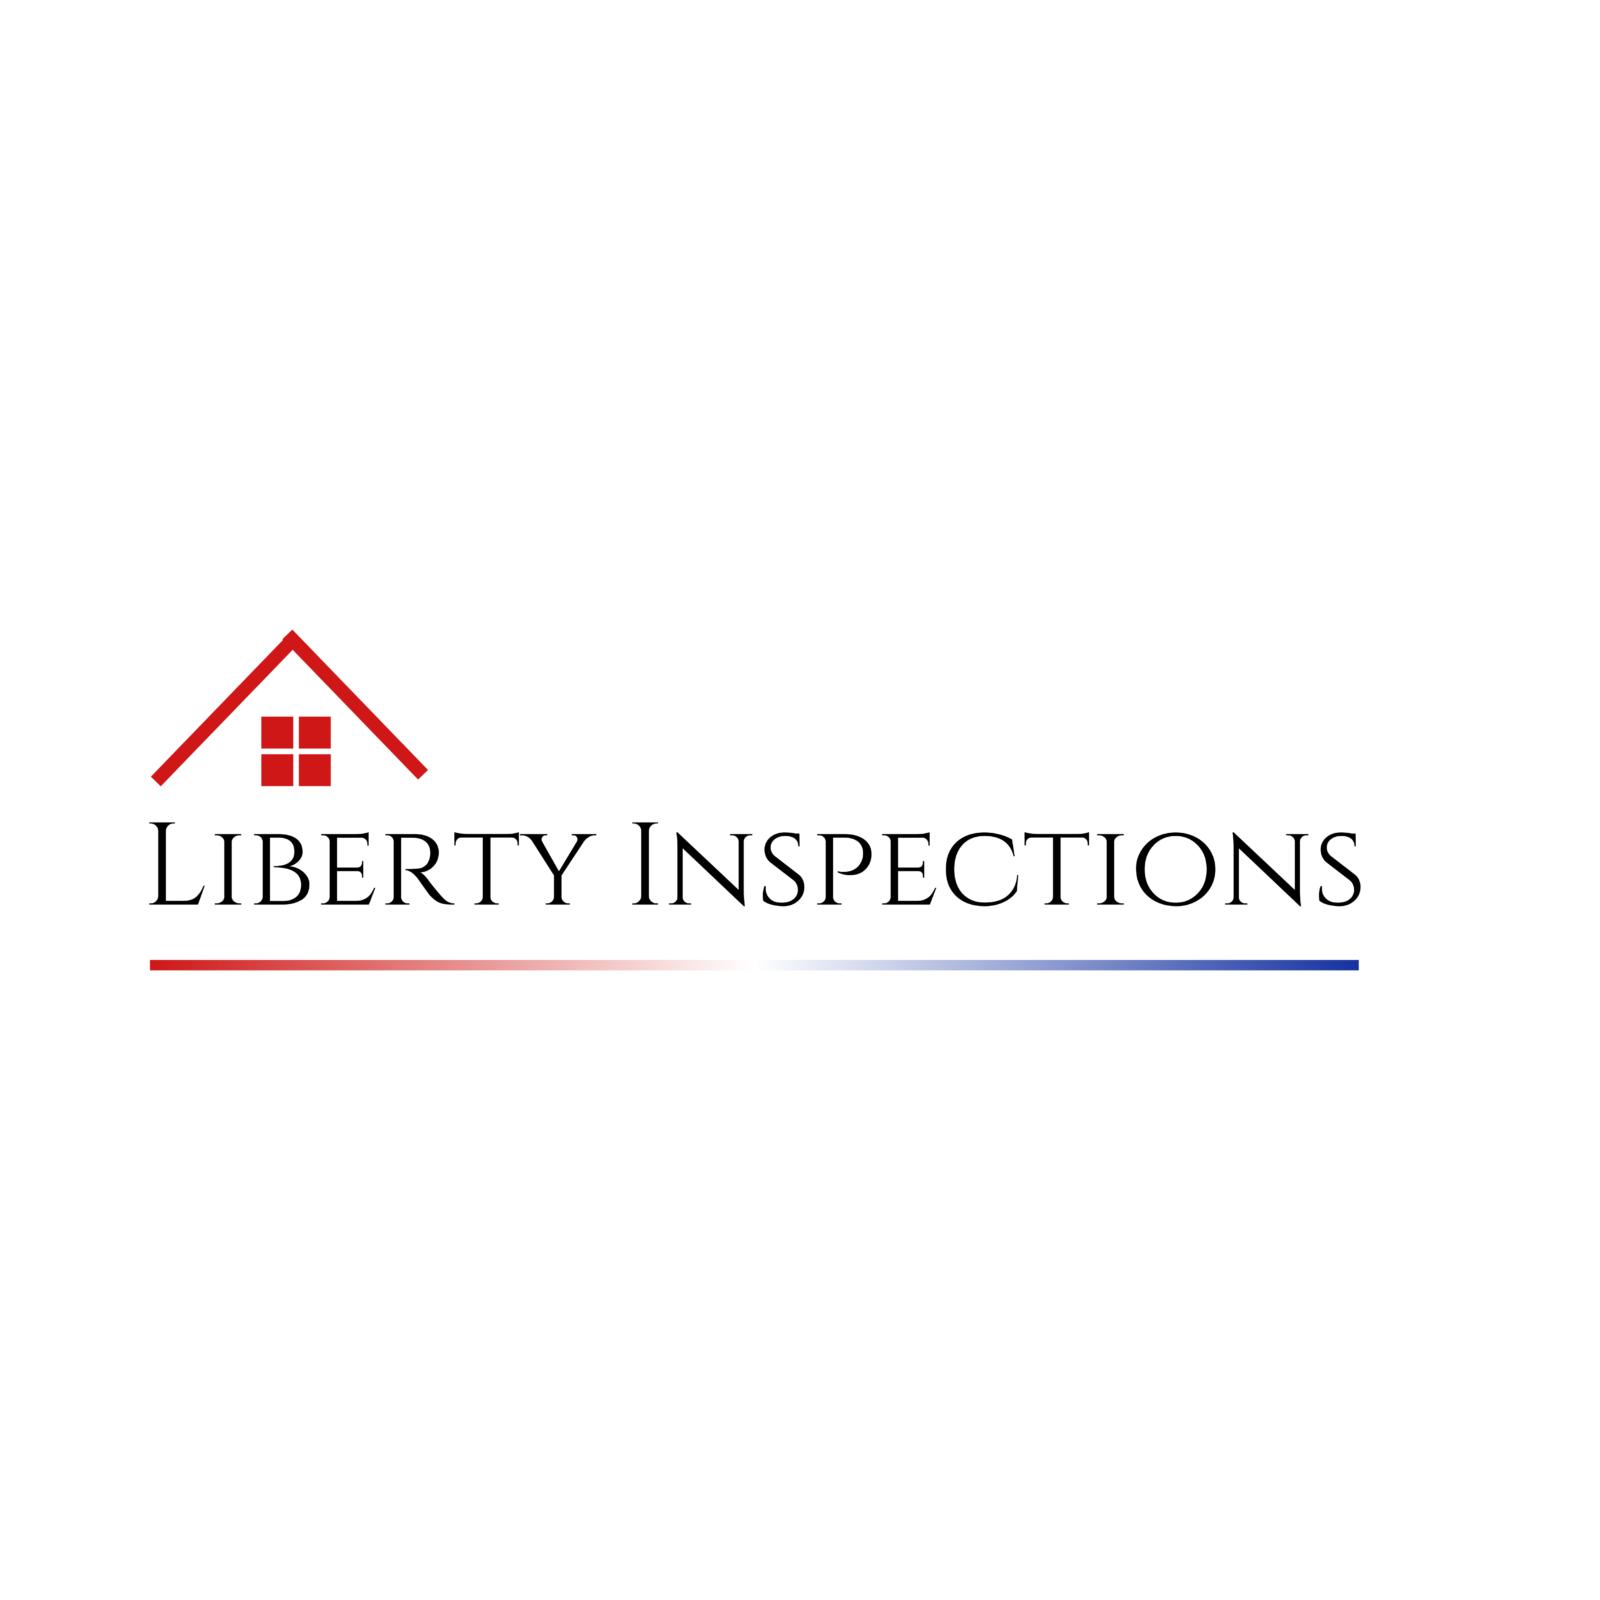 Liberty Inspections - Cadiz, KY - Home Inspectors